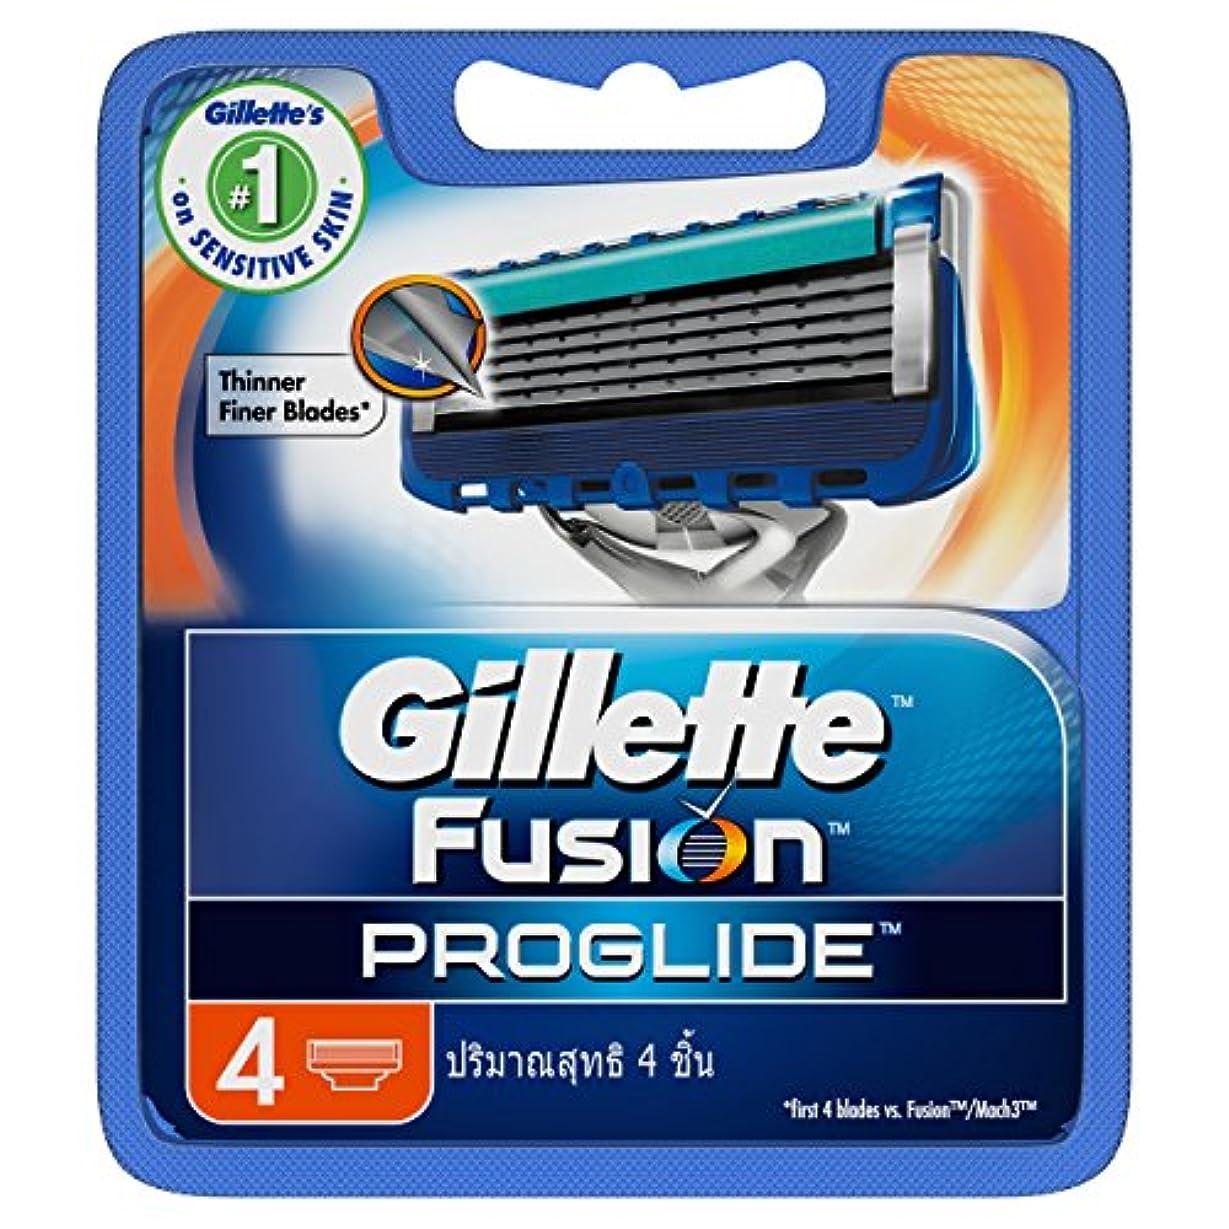 溝他に首尾一貫したGillette Fusion Proglide Shaving Cartridges 4